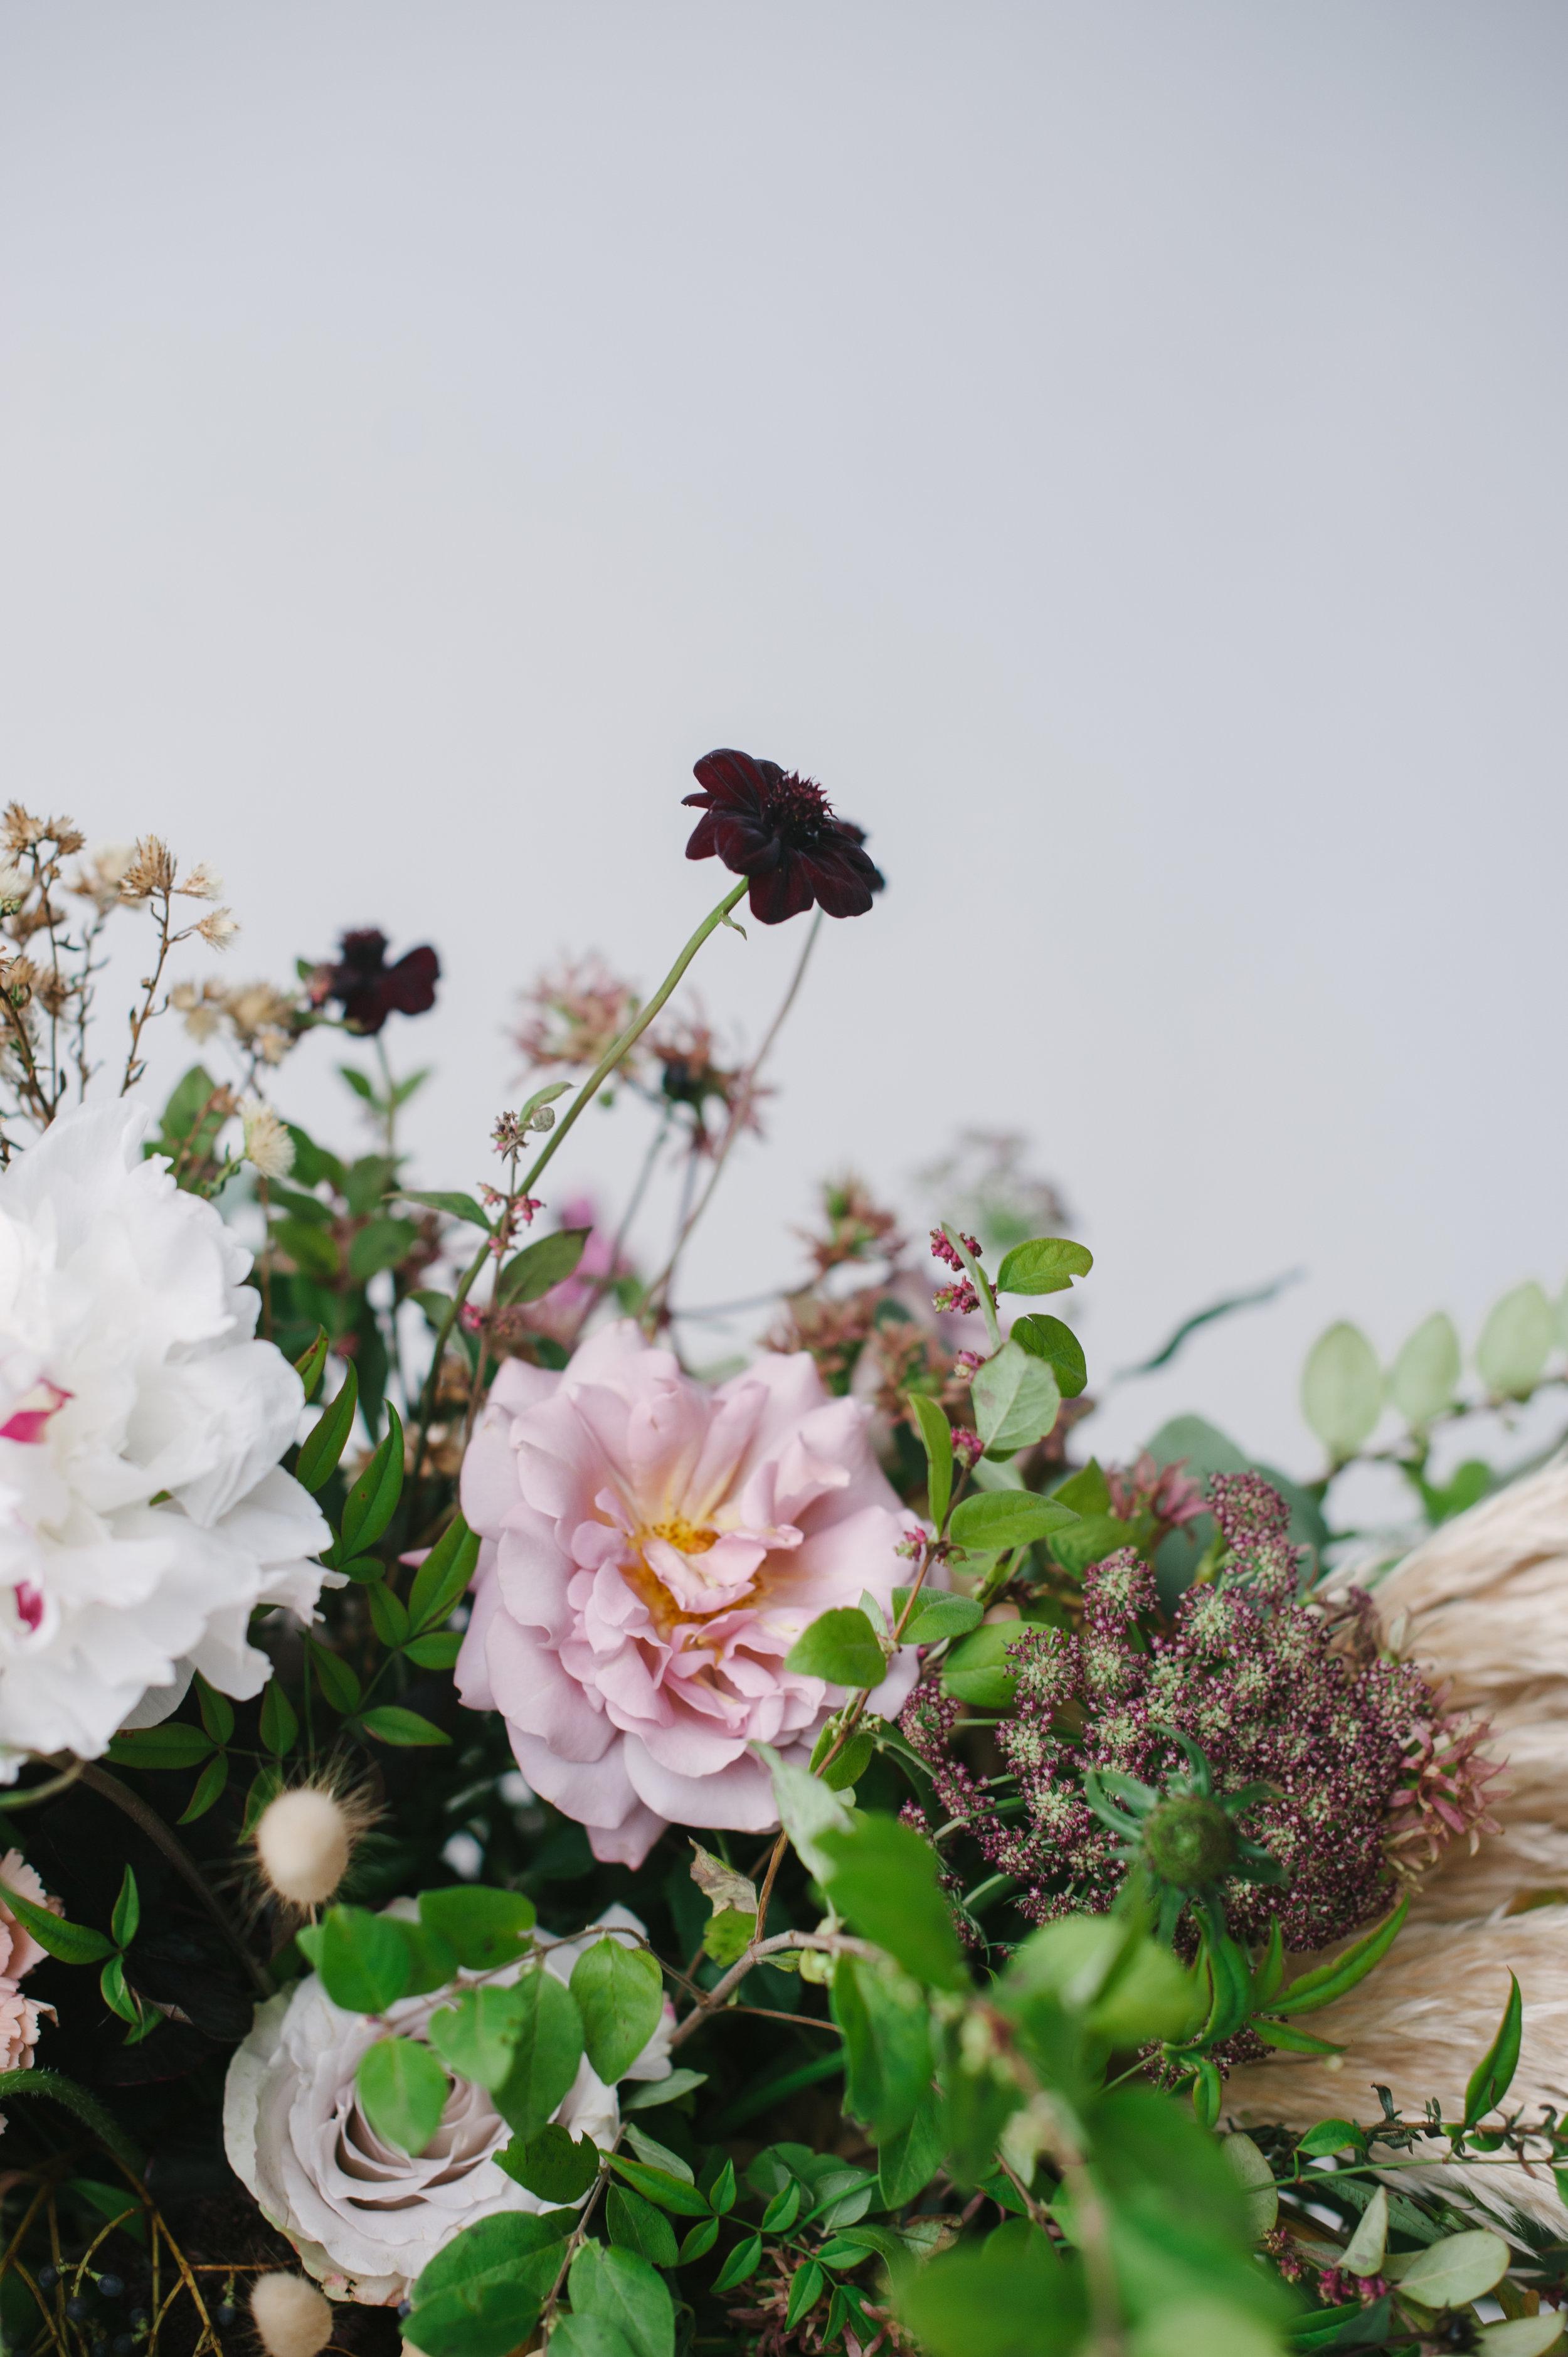 siren-floral-co-plenty-of-petals-romantik-floral-centerpiece-workshop-7.jpg